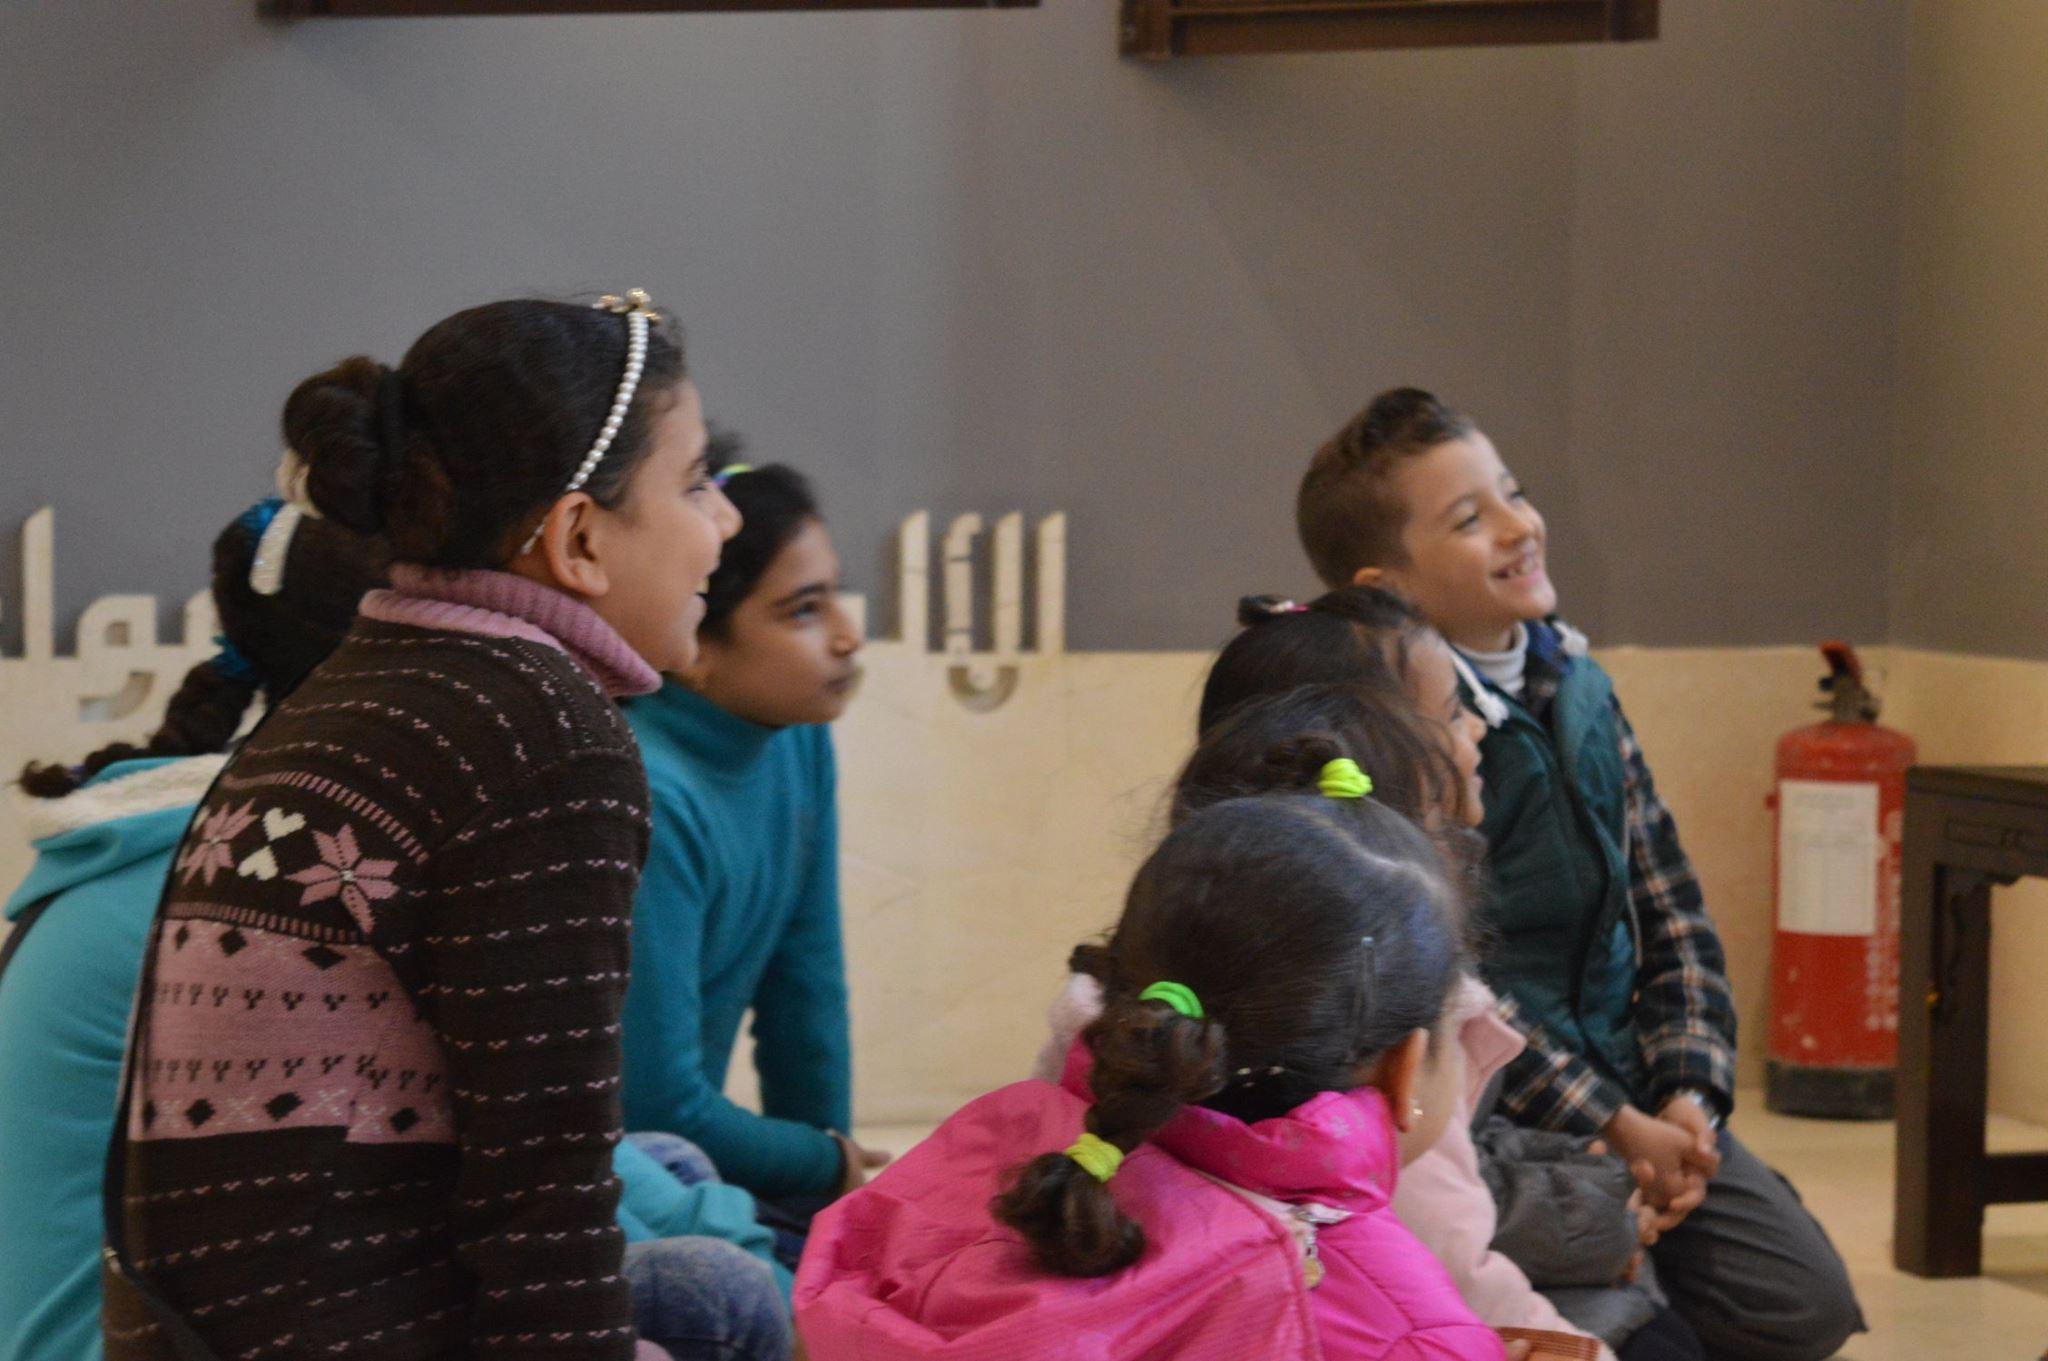 الأطفال سعداء بورش الحكى فى متحف الفن الإسلامى